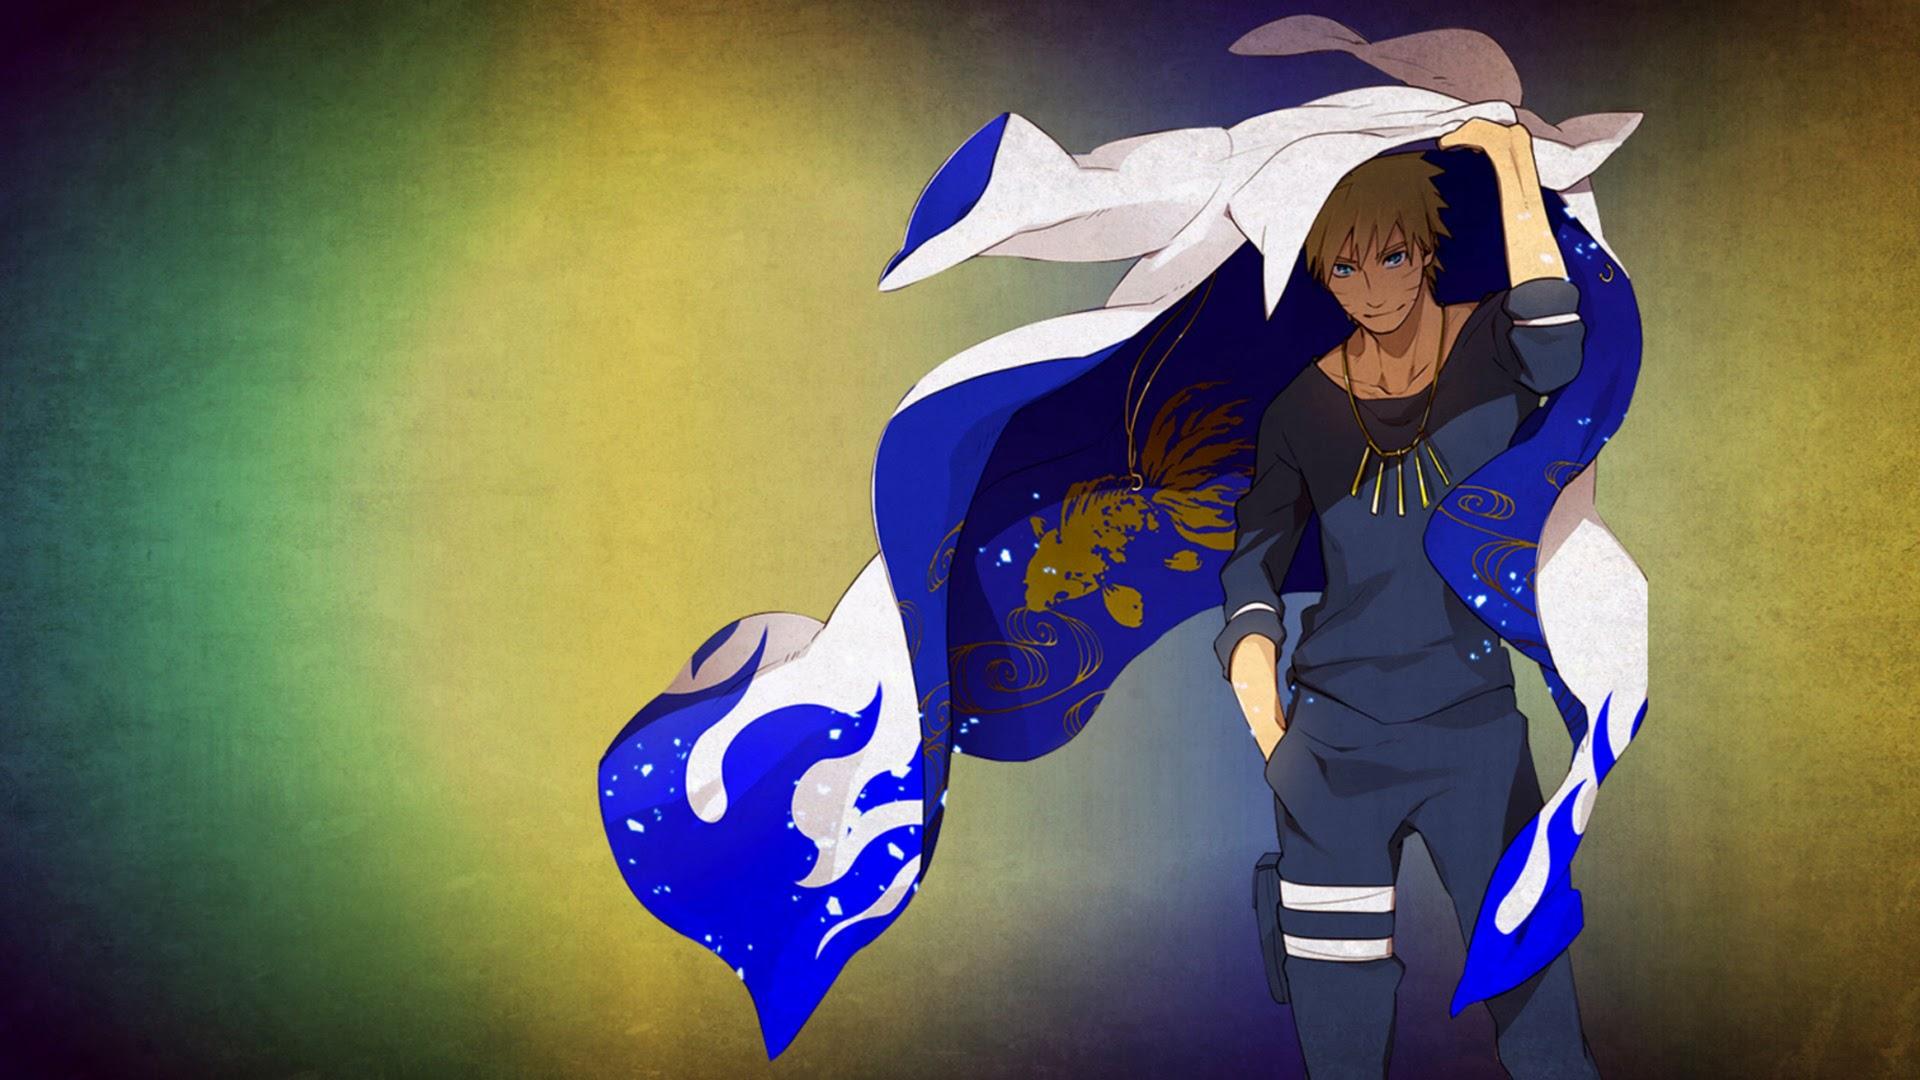 naruto anime picture 00 wallpaper hd